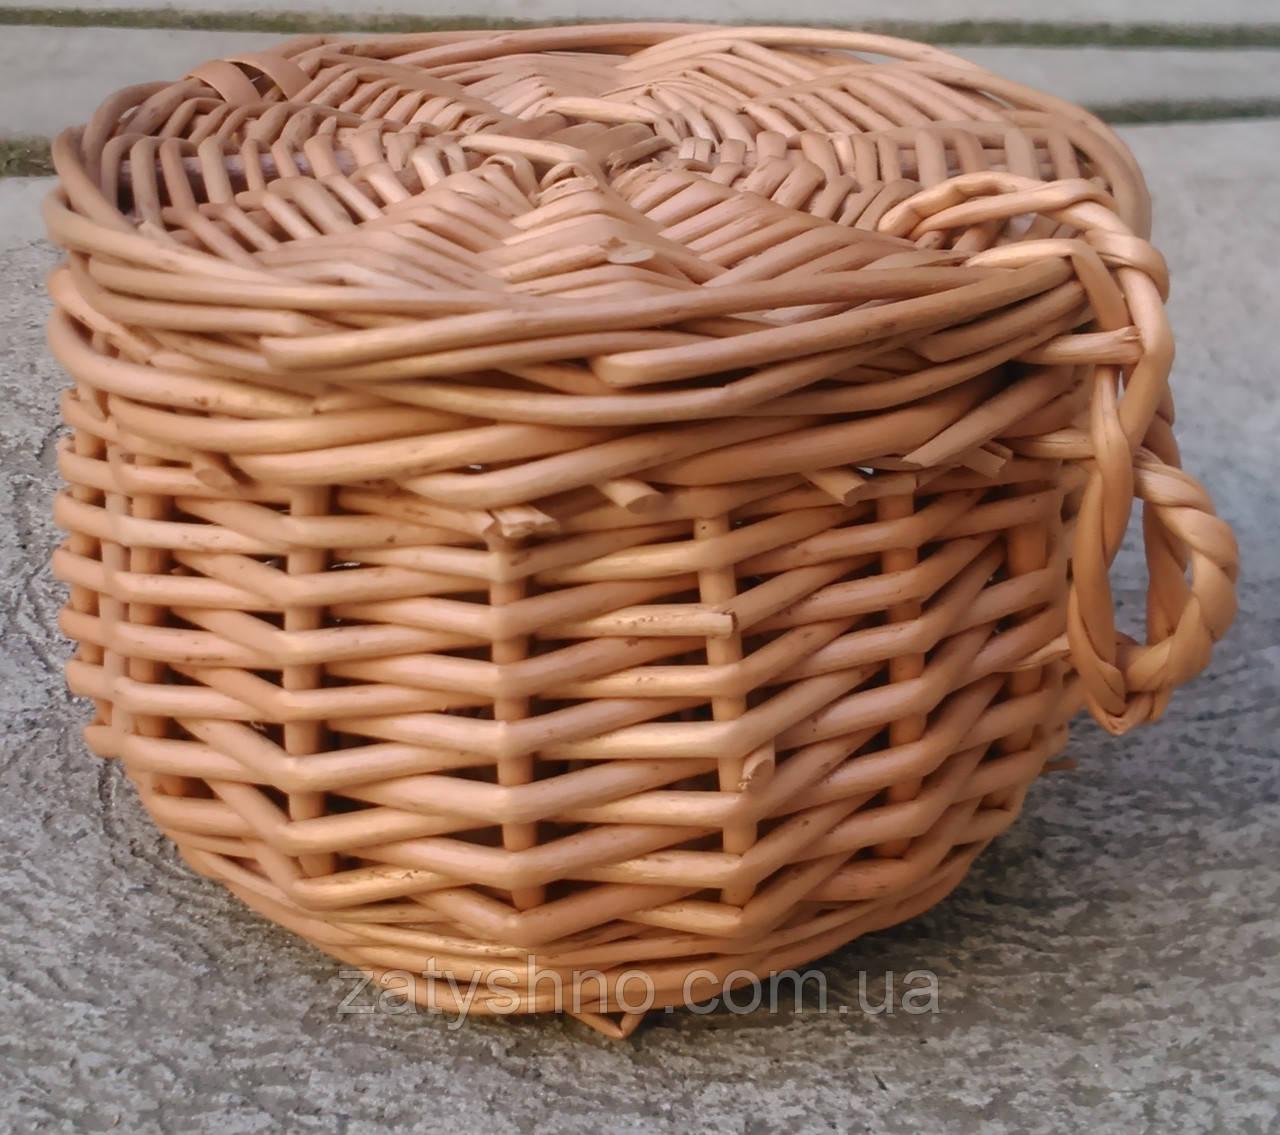 Шкатулка-корзина из лозы